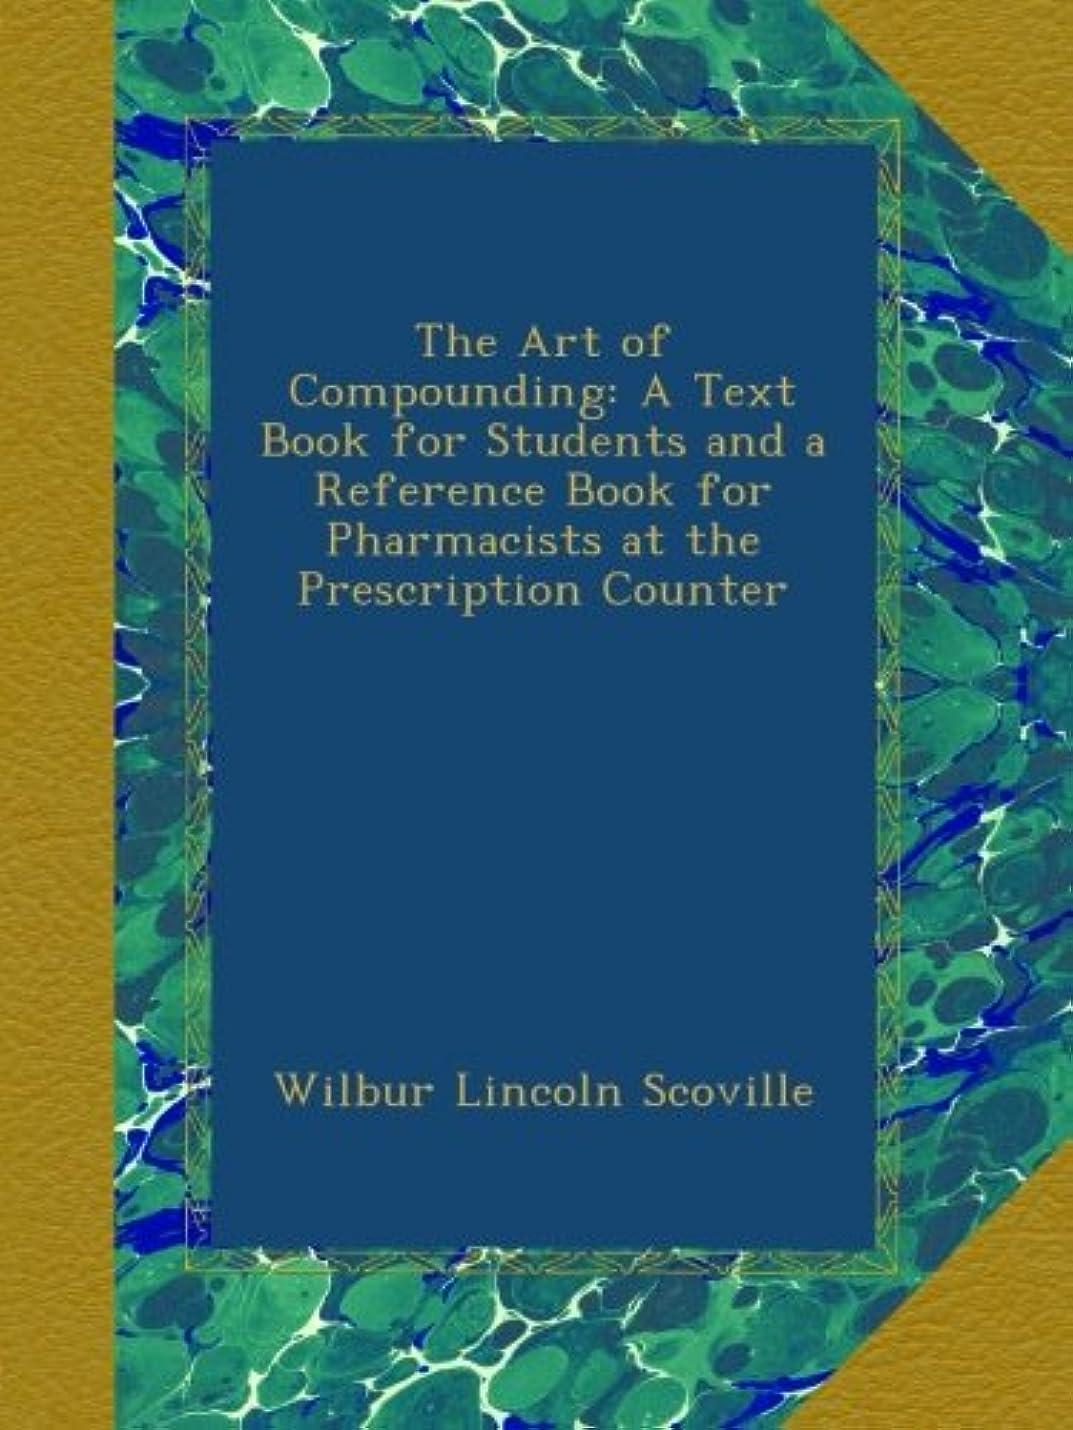 仕方中で分類The Art of Compounding: A Text Book for Students and a Reference Book for Pharmacists at the Prescription Counter